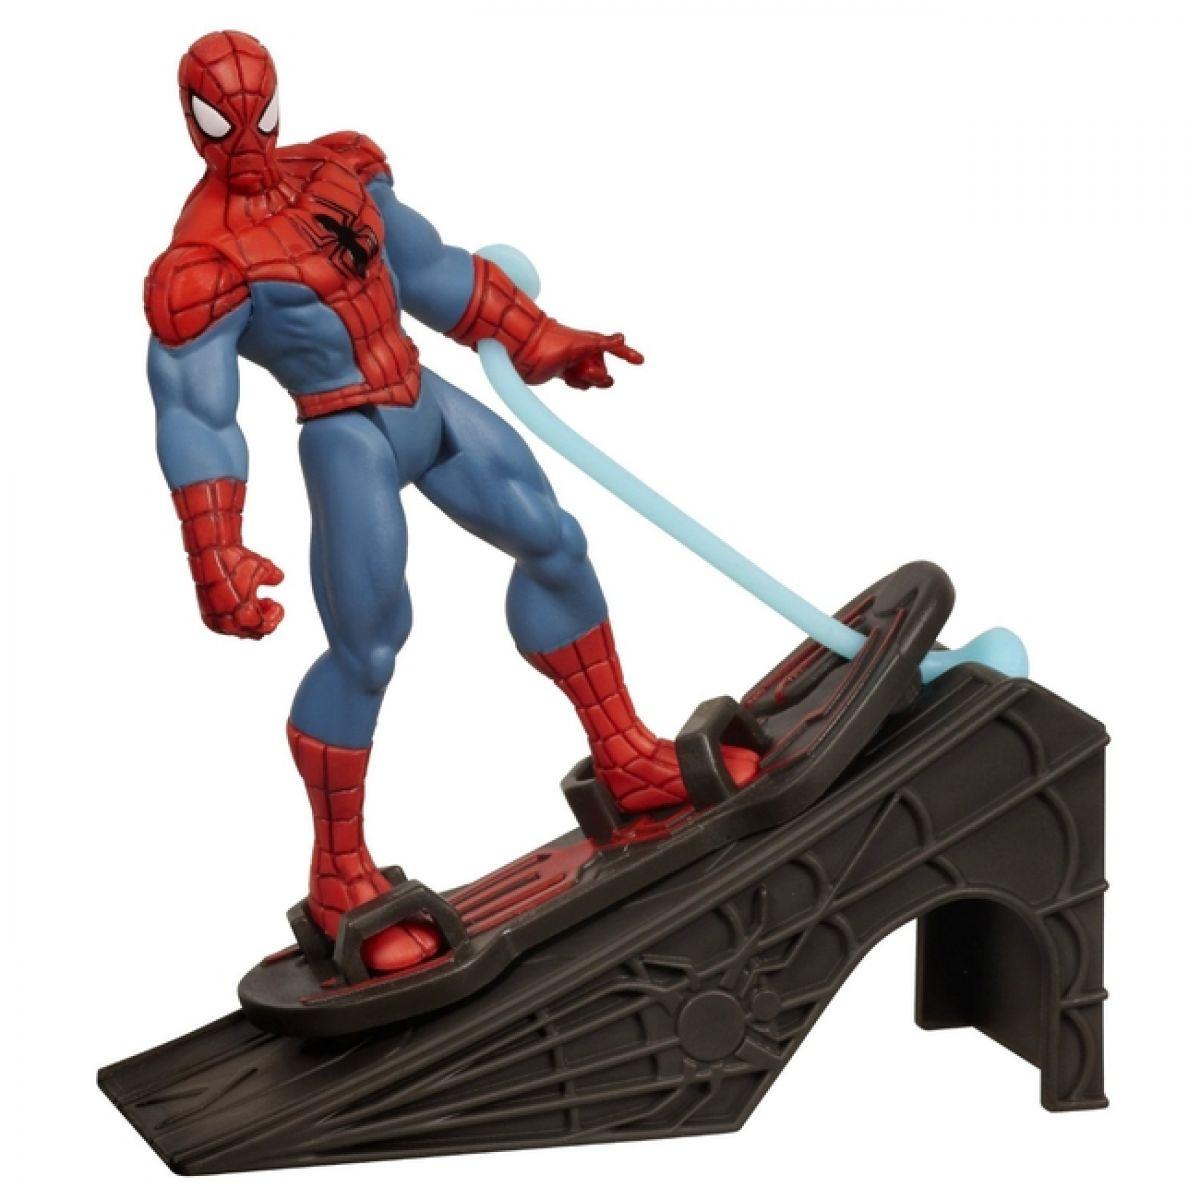 Spiderman Akční vystřelovací figurky Hasbro - Spiderman Rocket Ramp